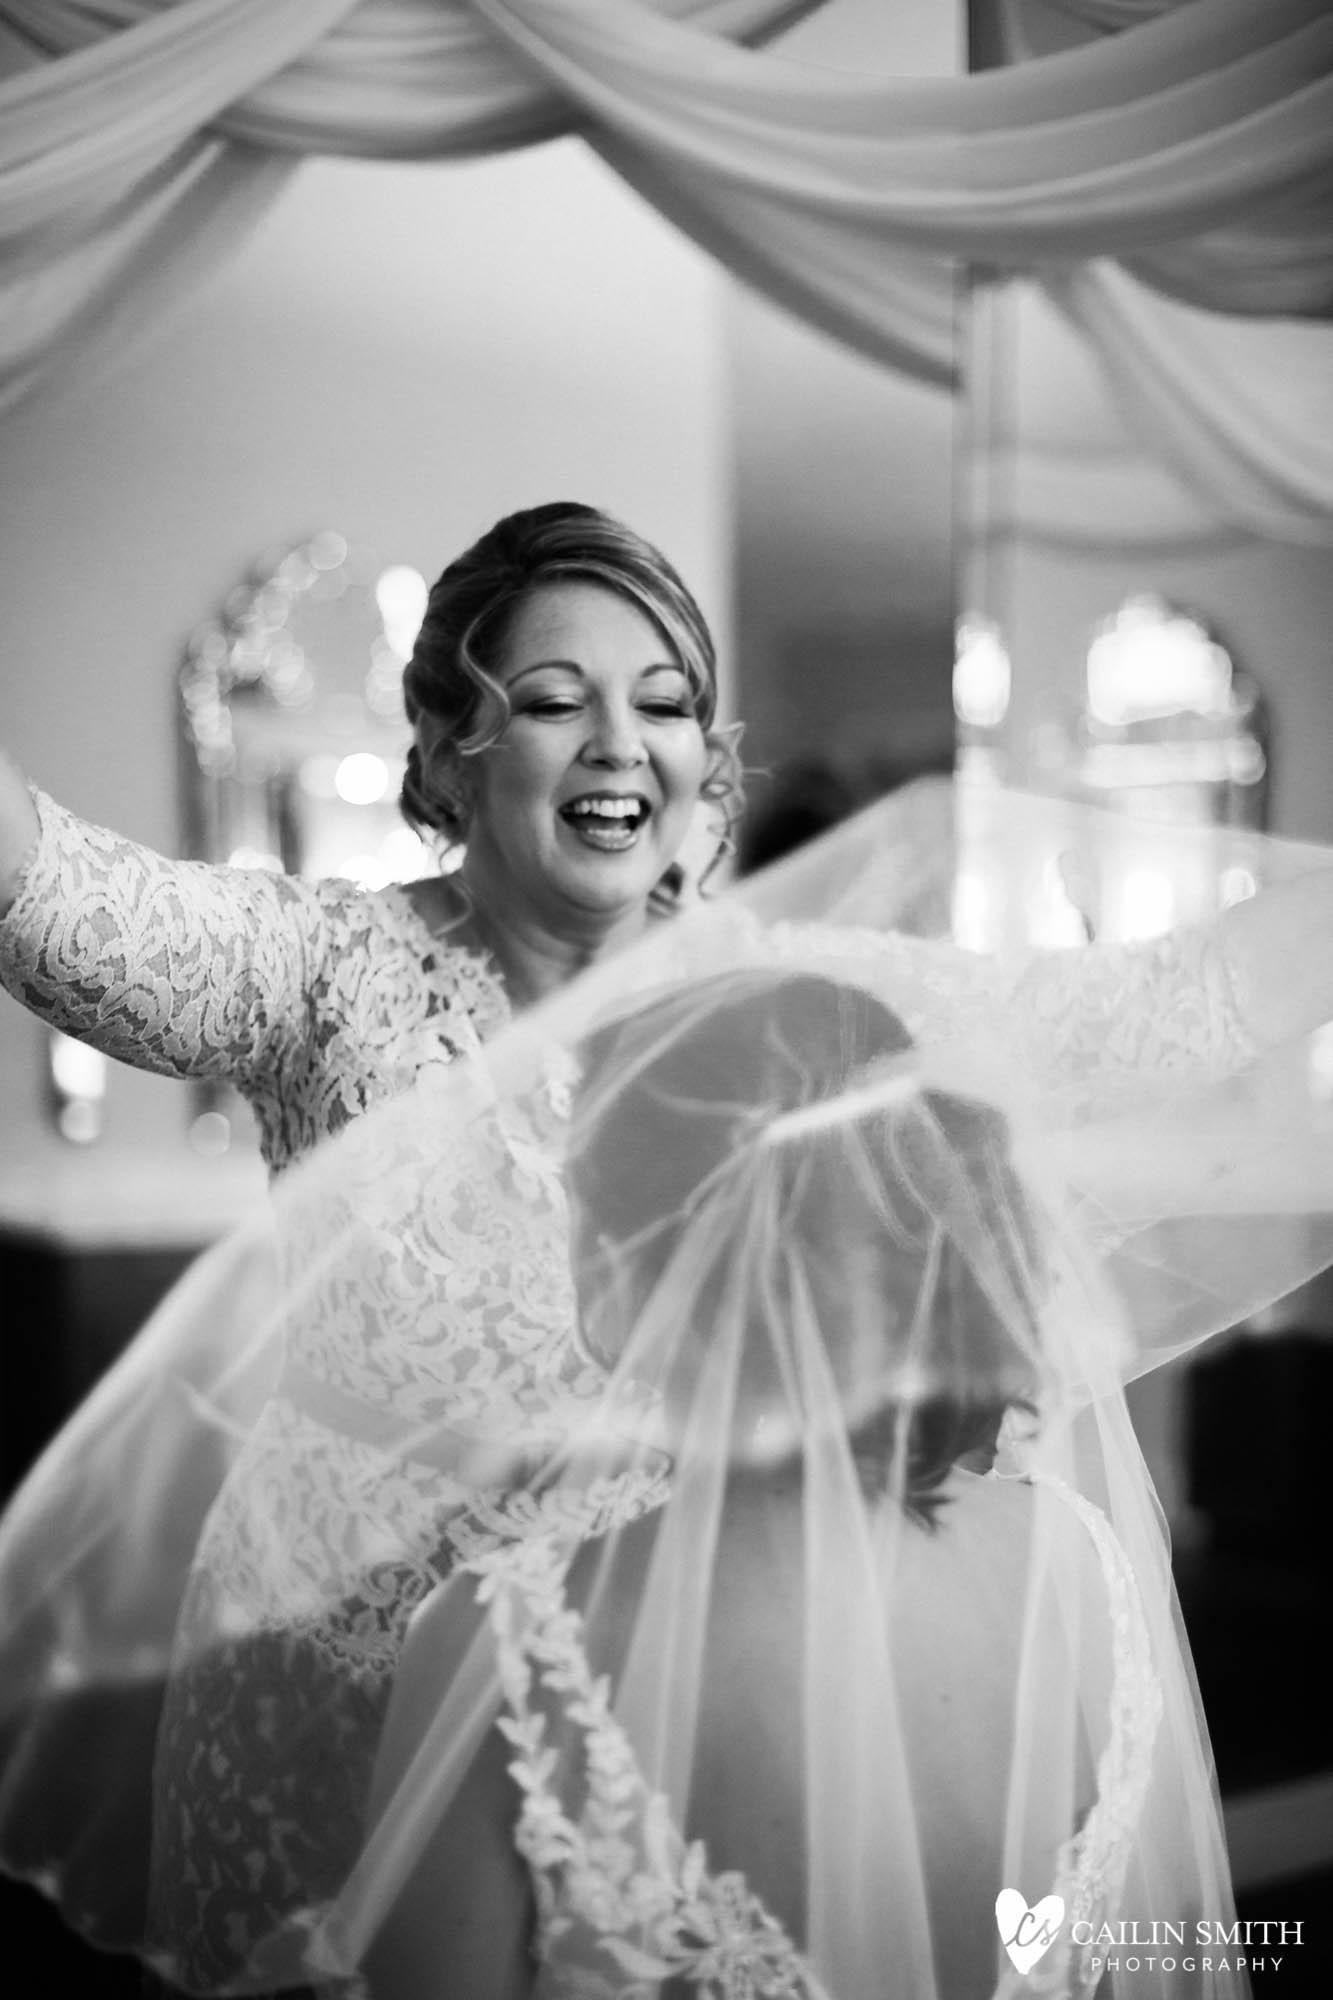 Bethany_Kyle_Bowing_Oaks_Plantation_Wedding_Photography_0015.jpg